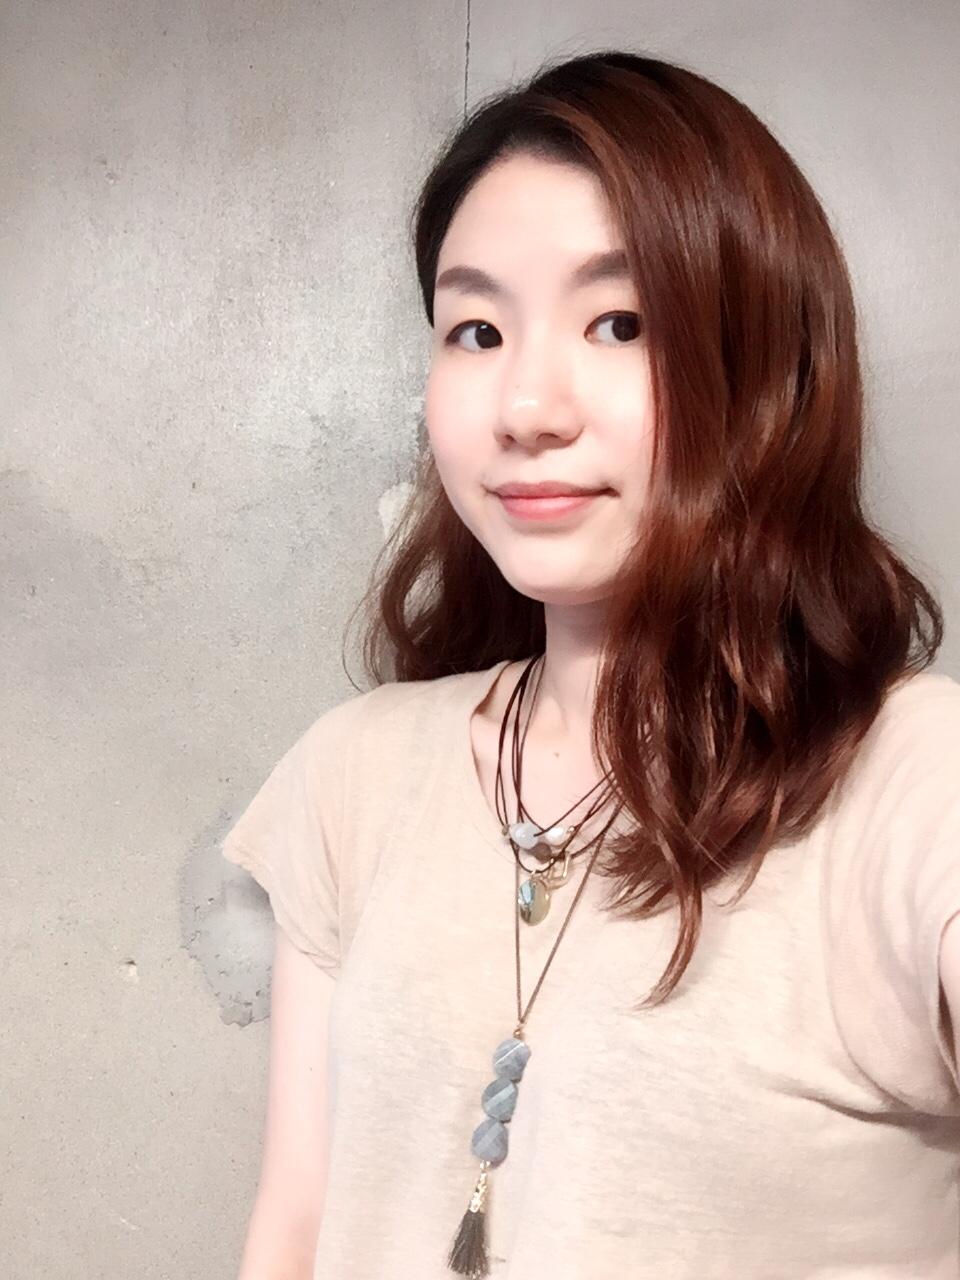 신디의 마음 씀이, 품이, 그 정이 나에게 고스란히 전해져 최근 산만했던 마음과 머리에 맑은 기운이! -현경 Hyun Kyung from Seoul, S.Korea